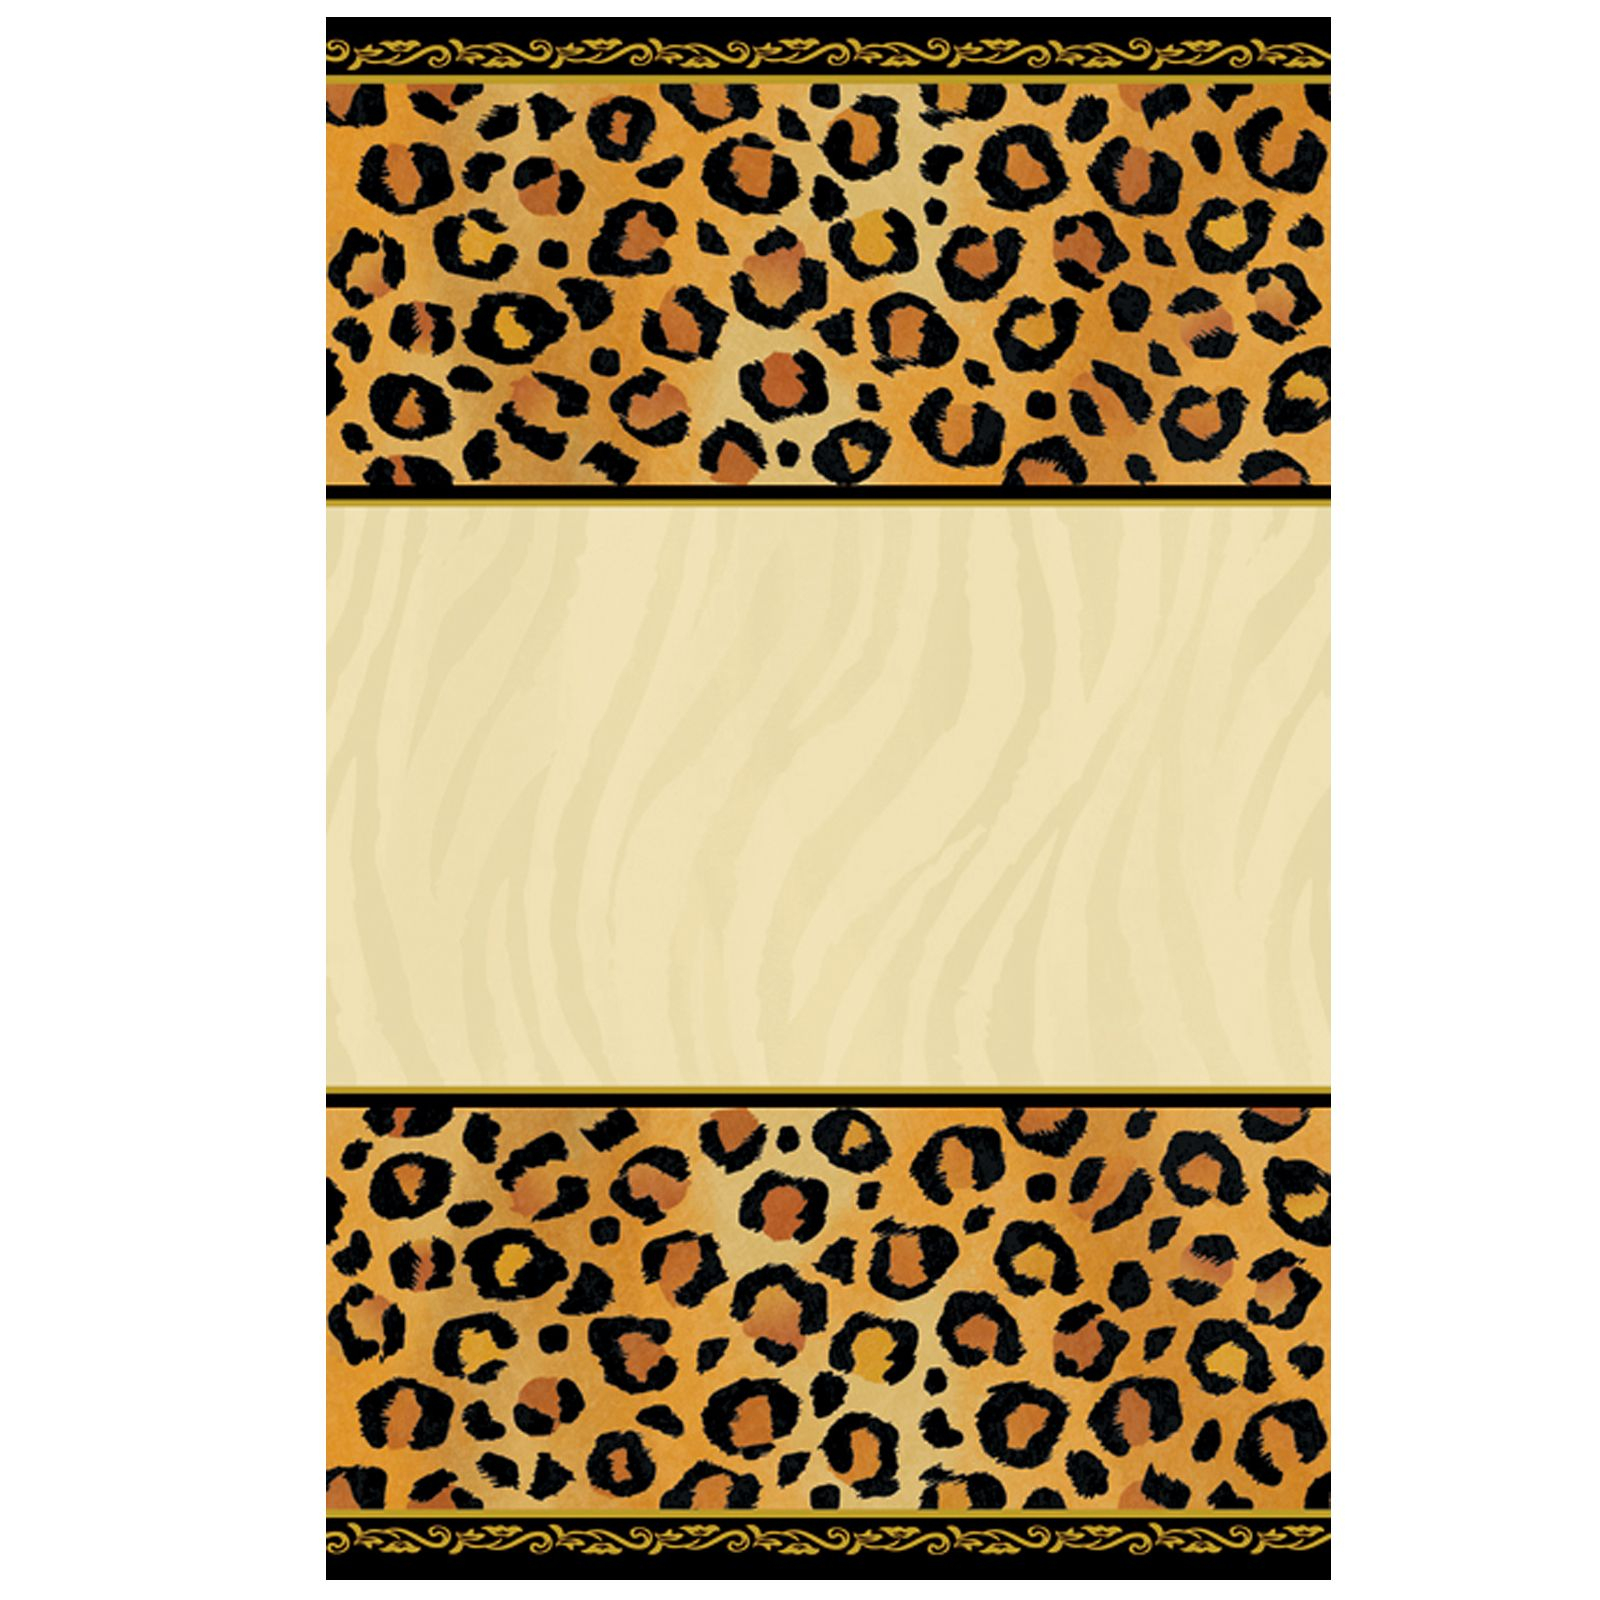 Leopard Print Invitations Printable Free Cakepins | Printables - Free Printable Animal Print Birthday Invitations